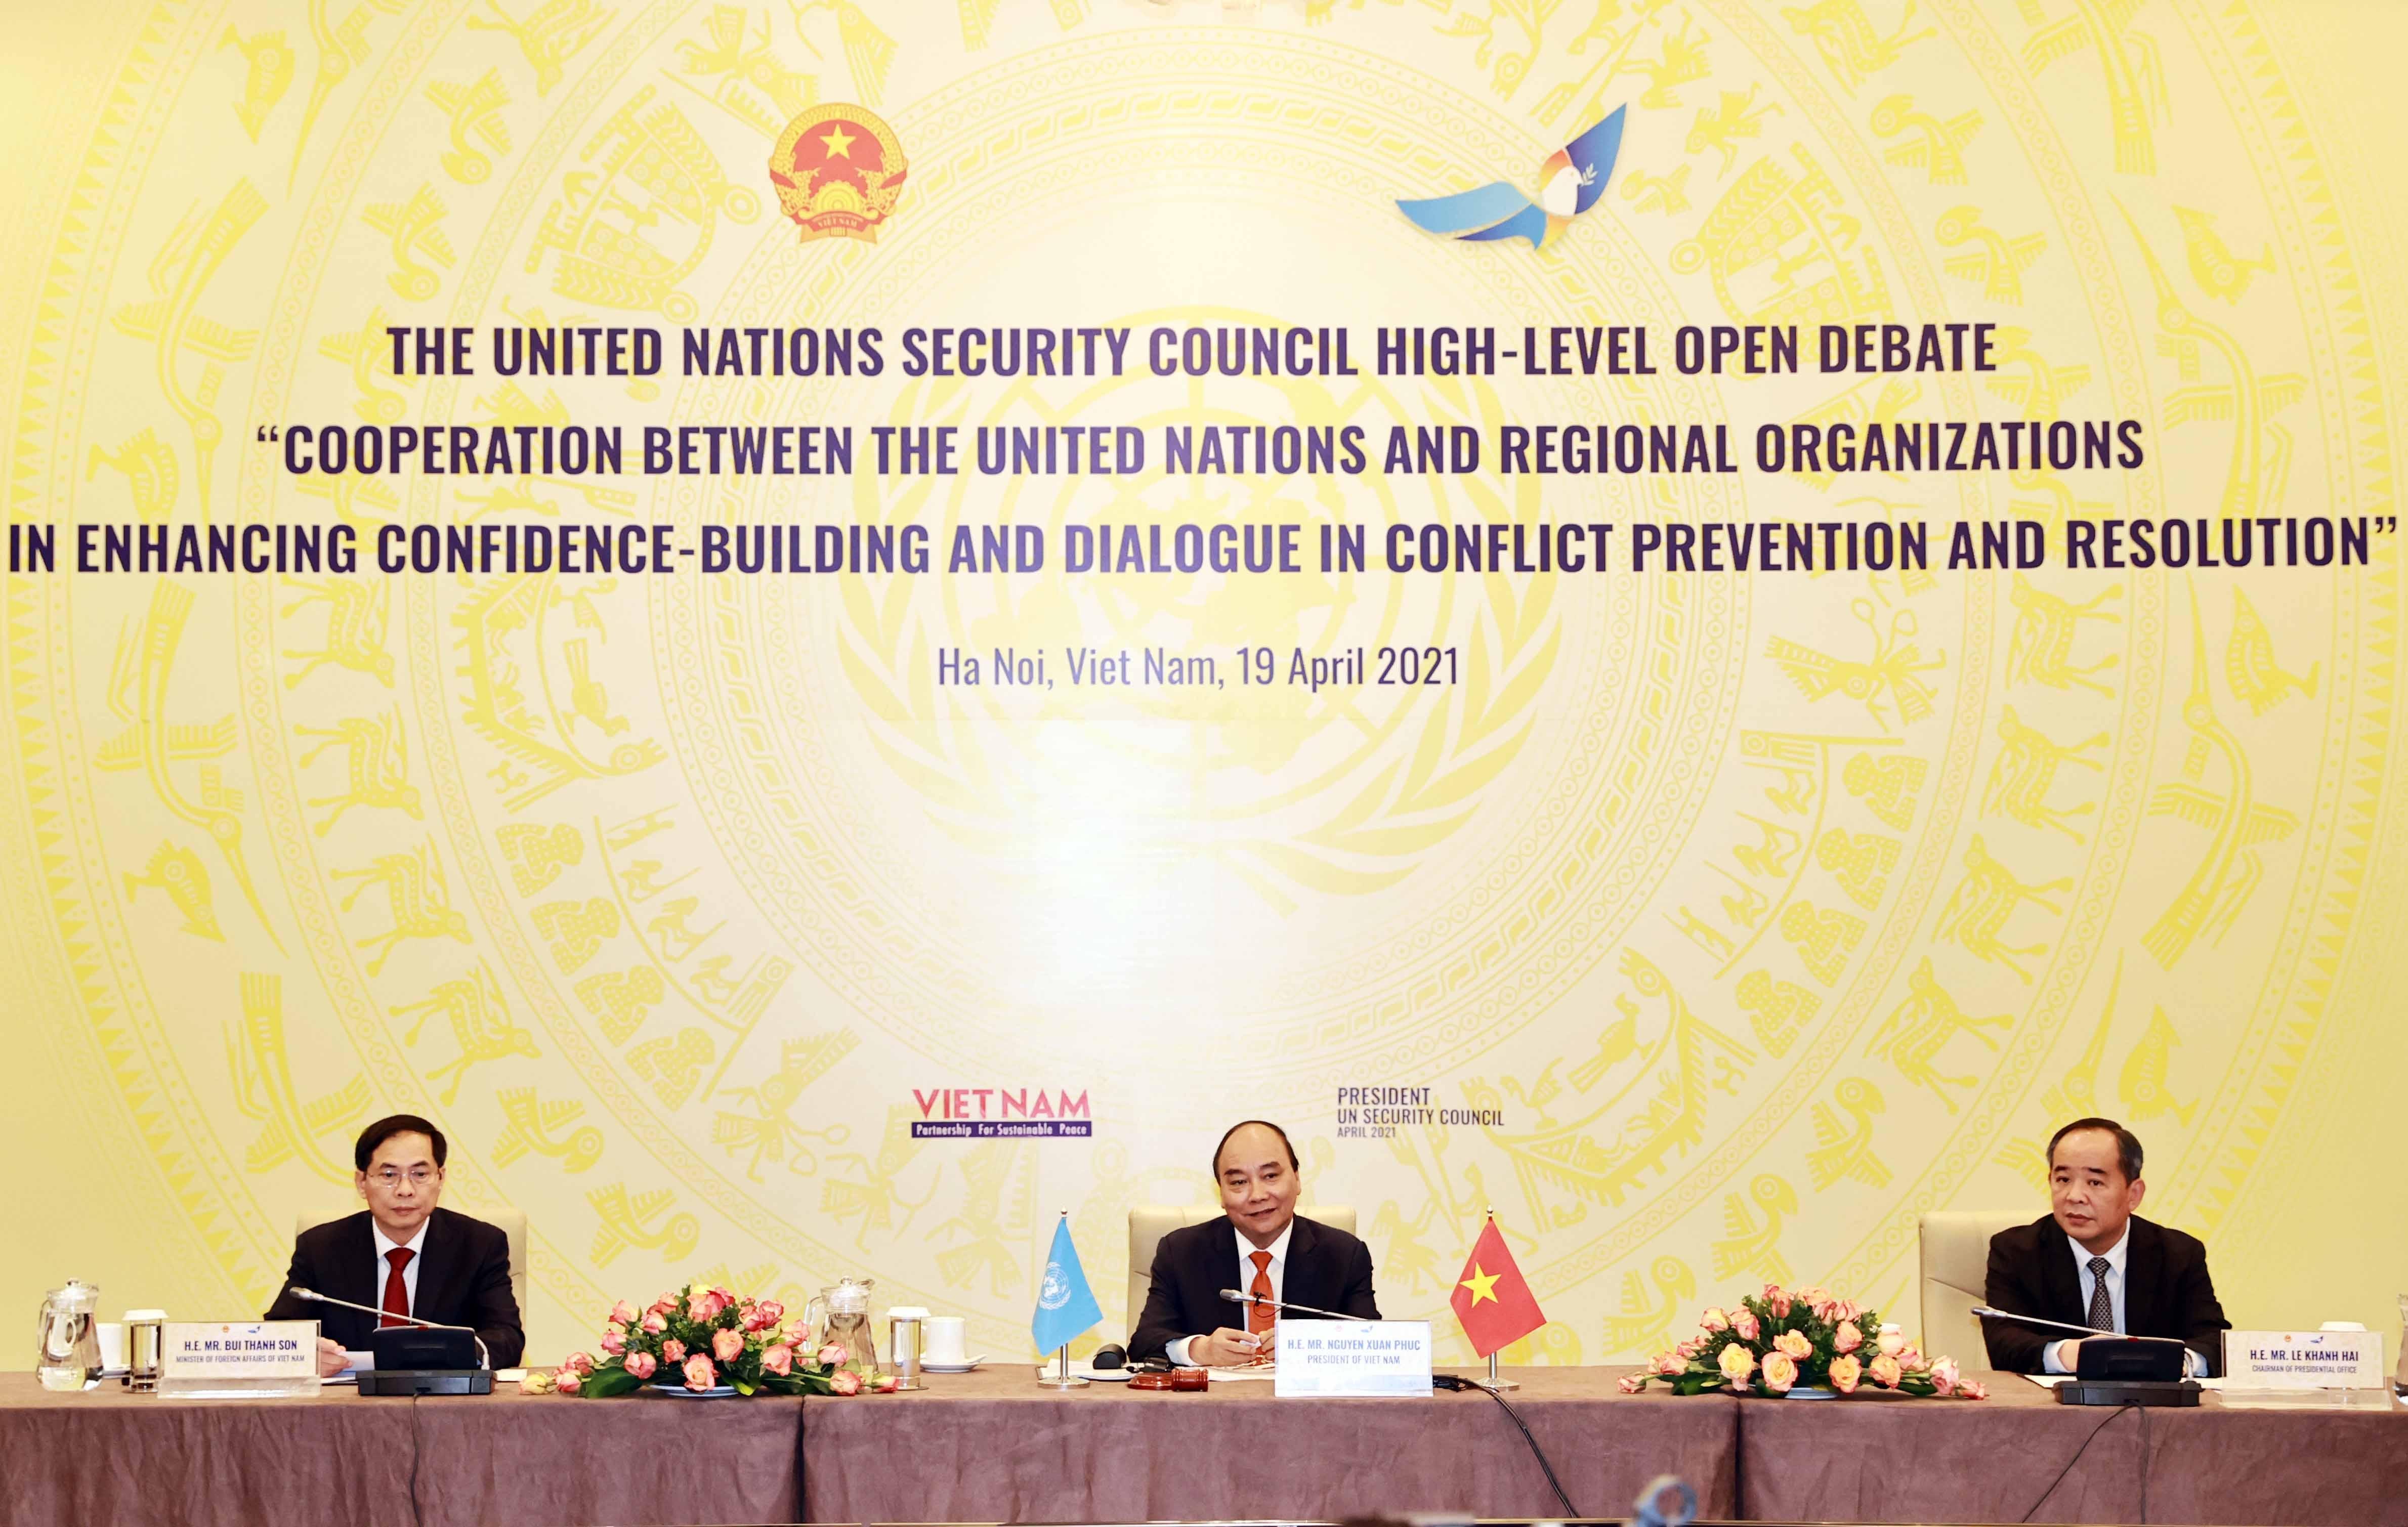 Lòng tin và đối thoại chính là giải pháp căn cơ cho một nền hòa bình bền vững